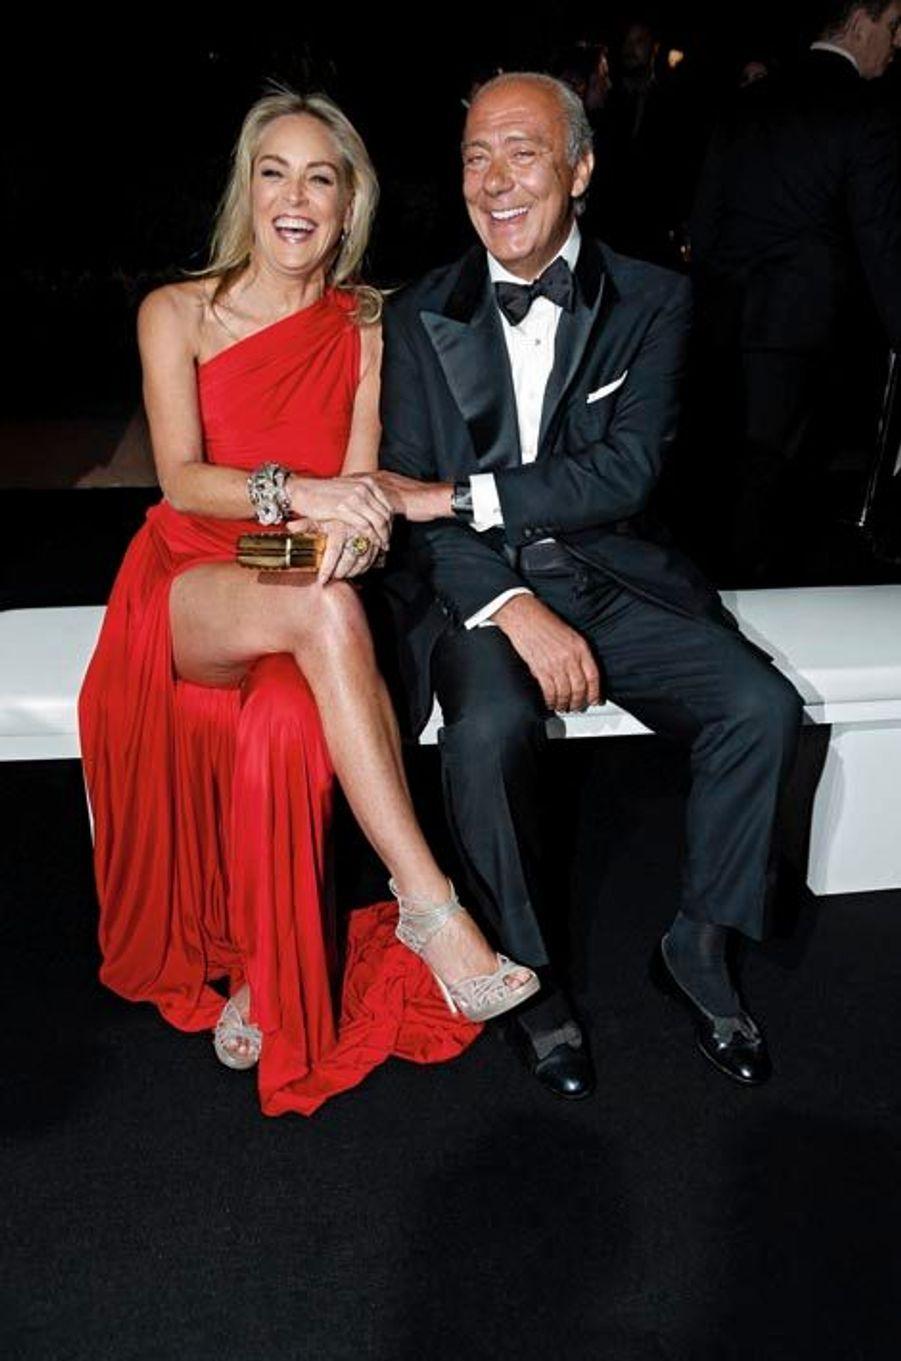 Princier, Fawaz Gruosi, le joaillier genevois, a donné à l'hôtel du Cap-Eden-Roc une fête où Gatsby le Magnifique aurait pu apparaître au milieu des sept cents invités. Stars, tycoons, socialites, top models aussi scintillantes que les vitrines où brillaient plus de 30 millions d'euros de somptueux bijoux, tycoons ont admiré un feu d'artifice pharaonique au son d'un grand orchestre philharmonique. Au dîner qui suivit le cocktail, Leonardo DiCaprio, assis à une table avec ses parents, joua les intouchables, protégé par une haie de six gardes du corps qui découragea les plus téméraires.